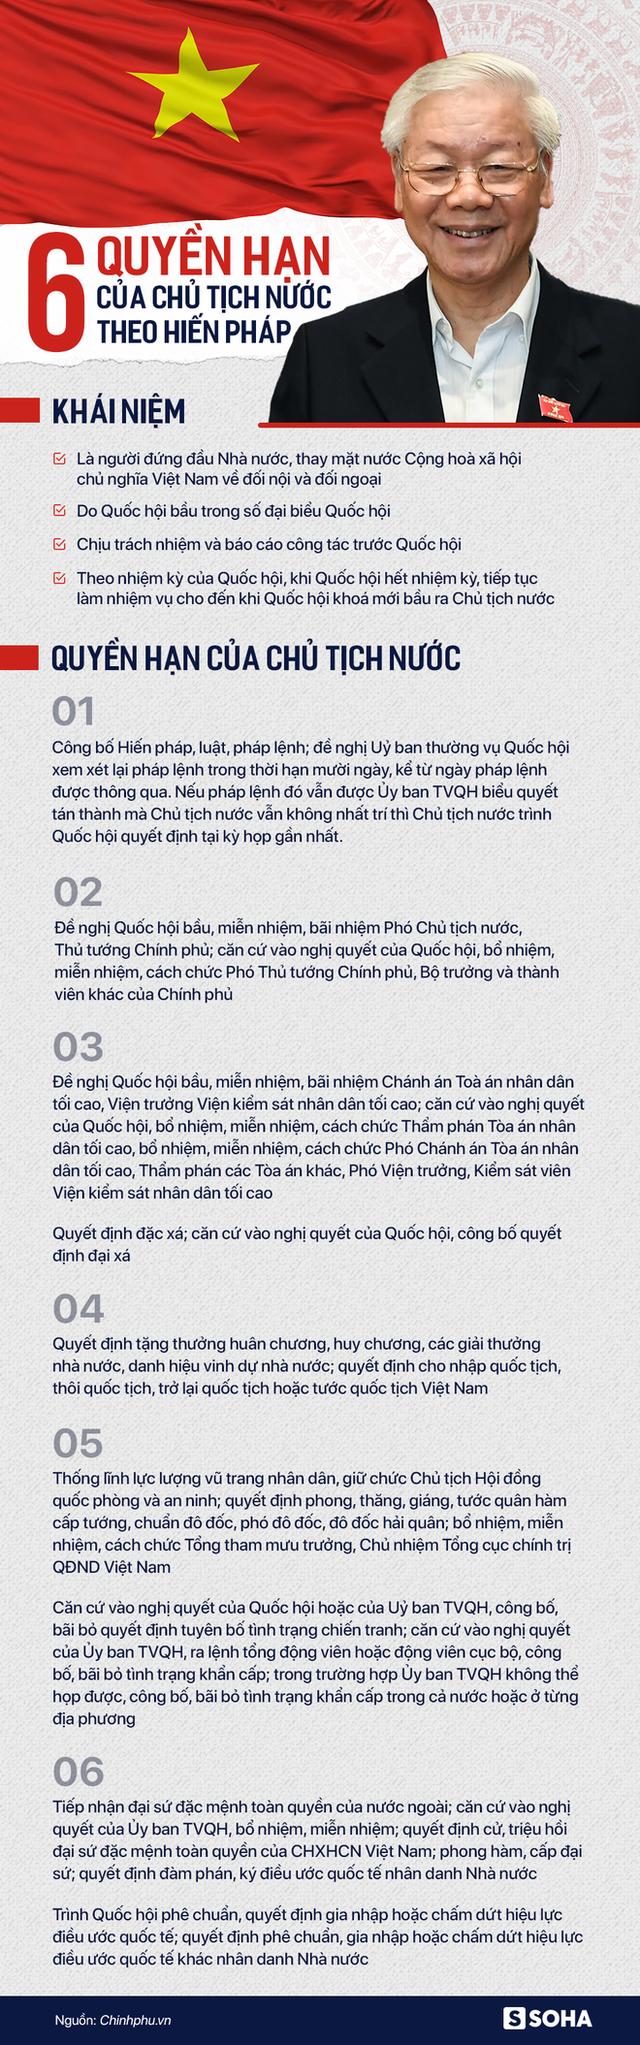 6 quyền hạn của Chủ tịch nước theo Hiến pháp - Ảnh 1.